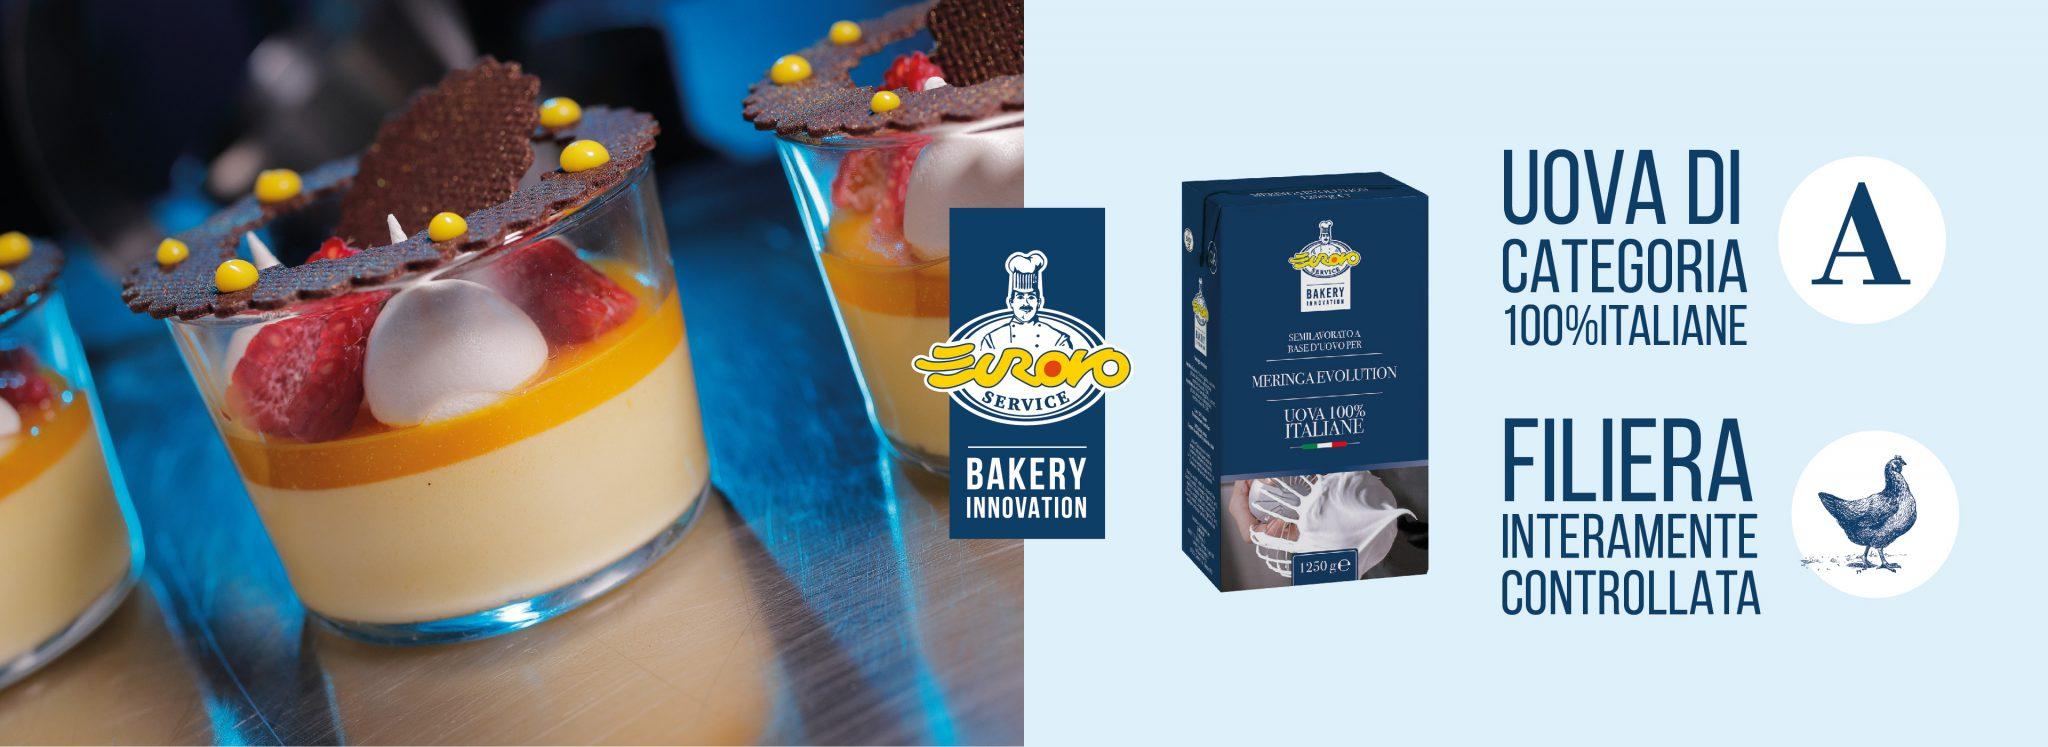 Immagine di testata dell'articolo rappresentate una preparazione fatto con i prodotti Bakery Innovation e uno dei prodotti Bakery Innovation